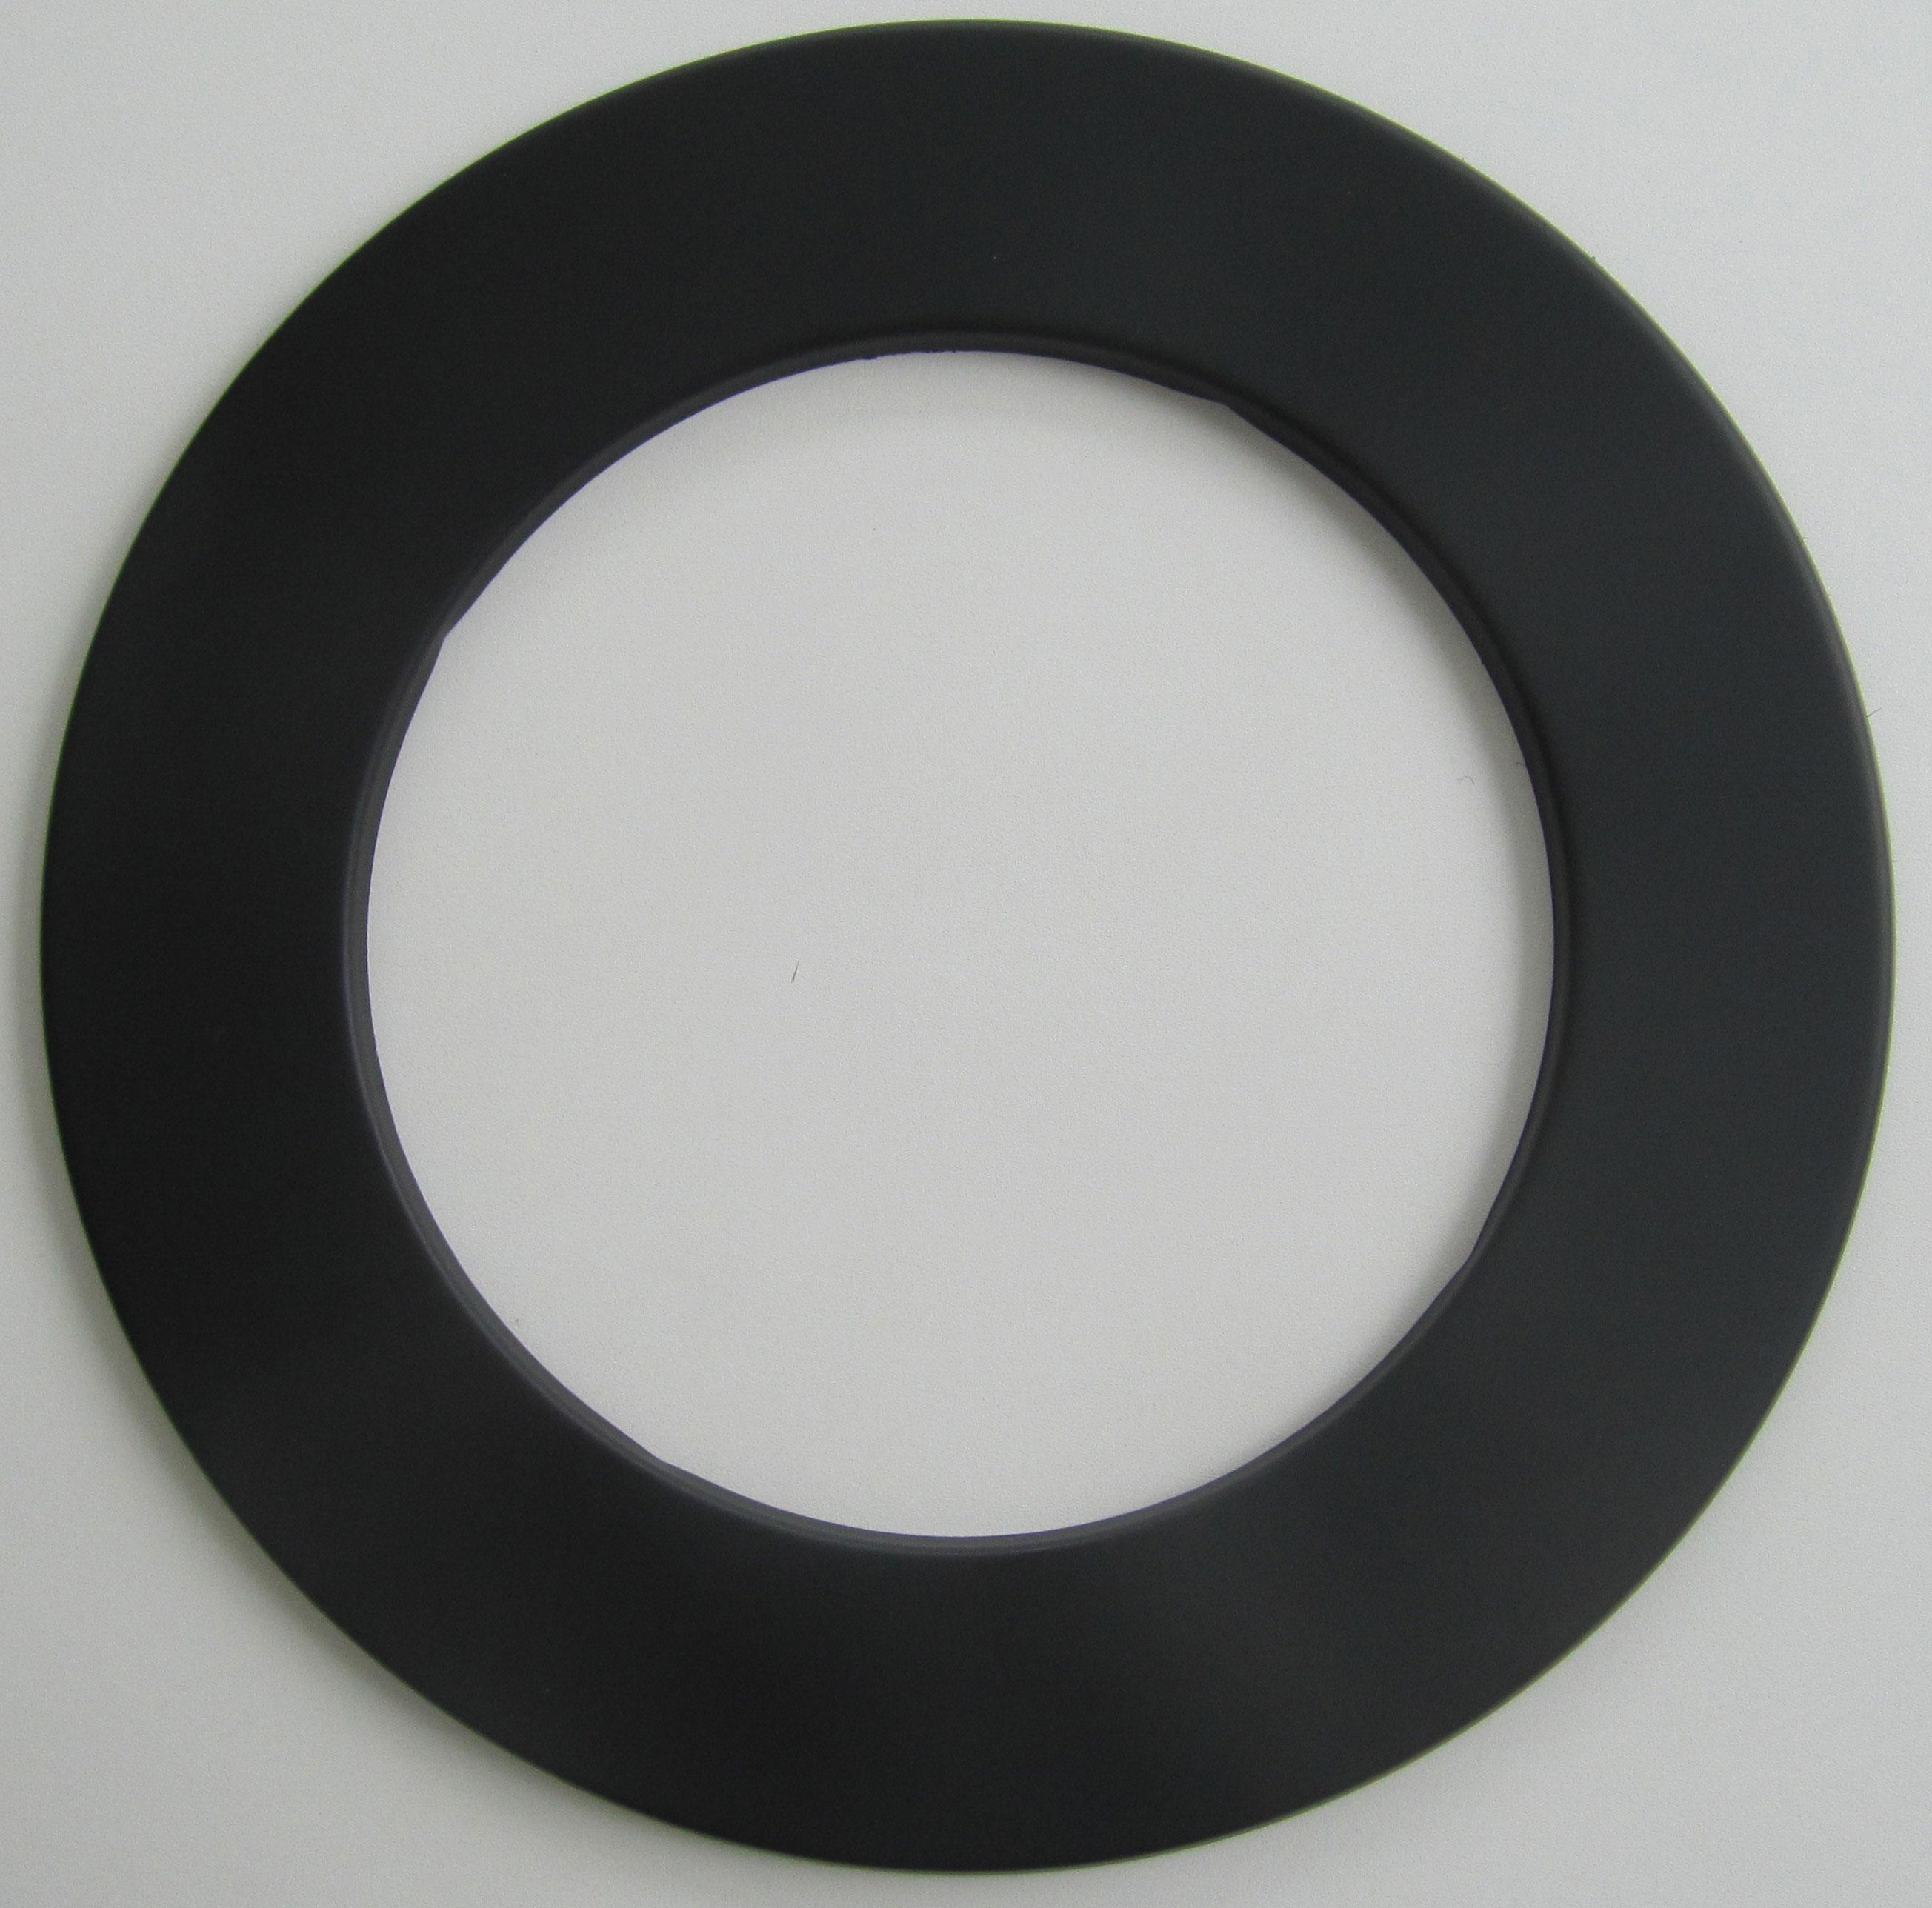 Ofenrohr / Rauchrohr Rosette schwarz Ø180mm Bild 1